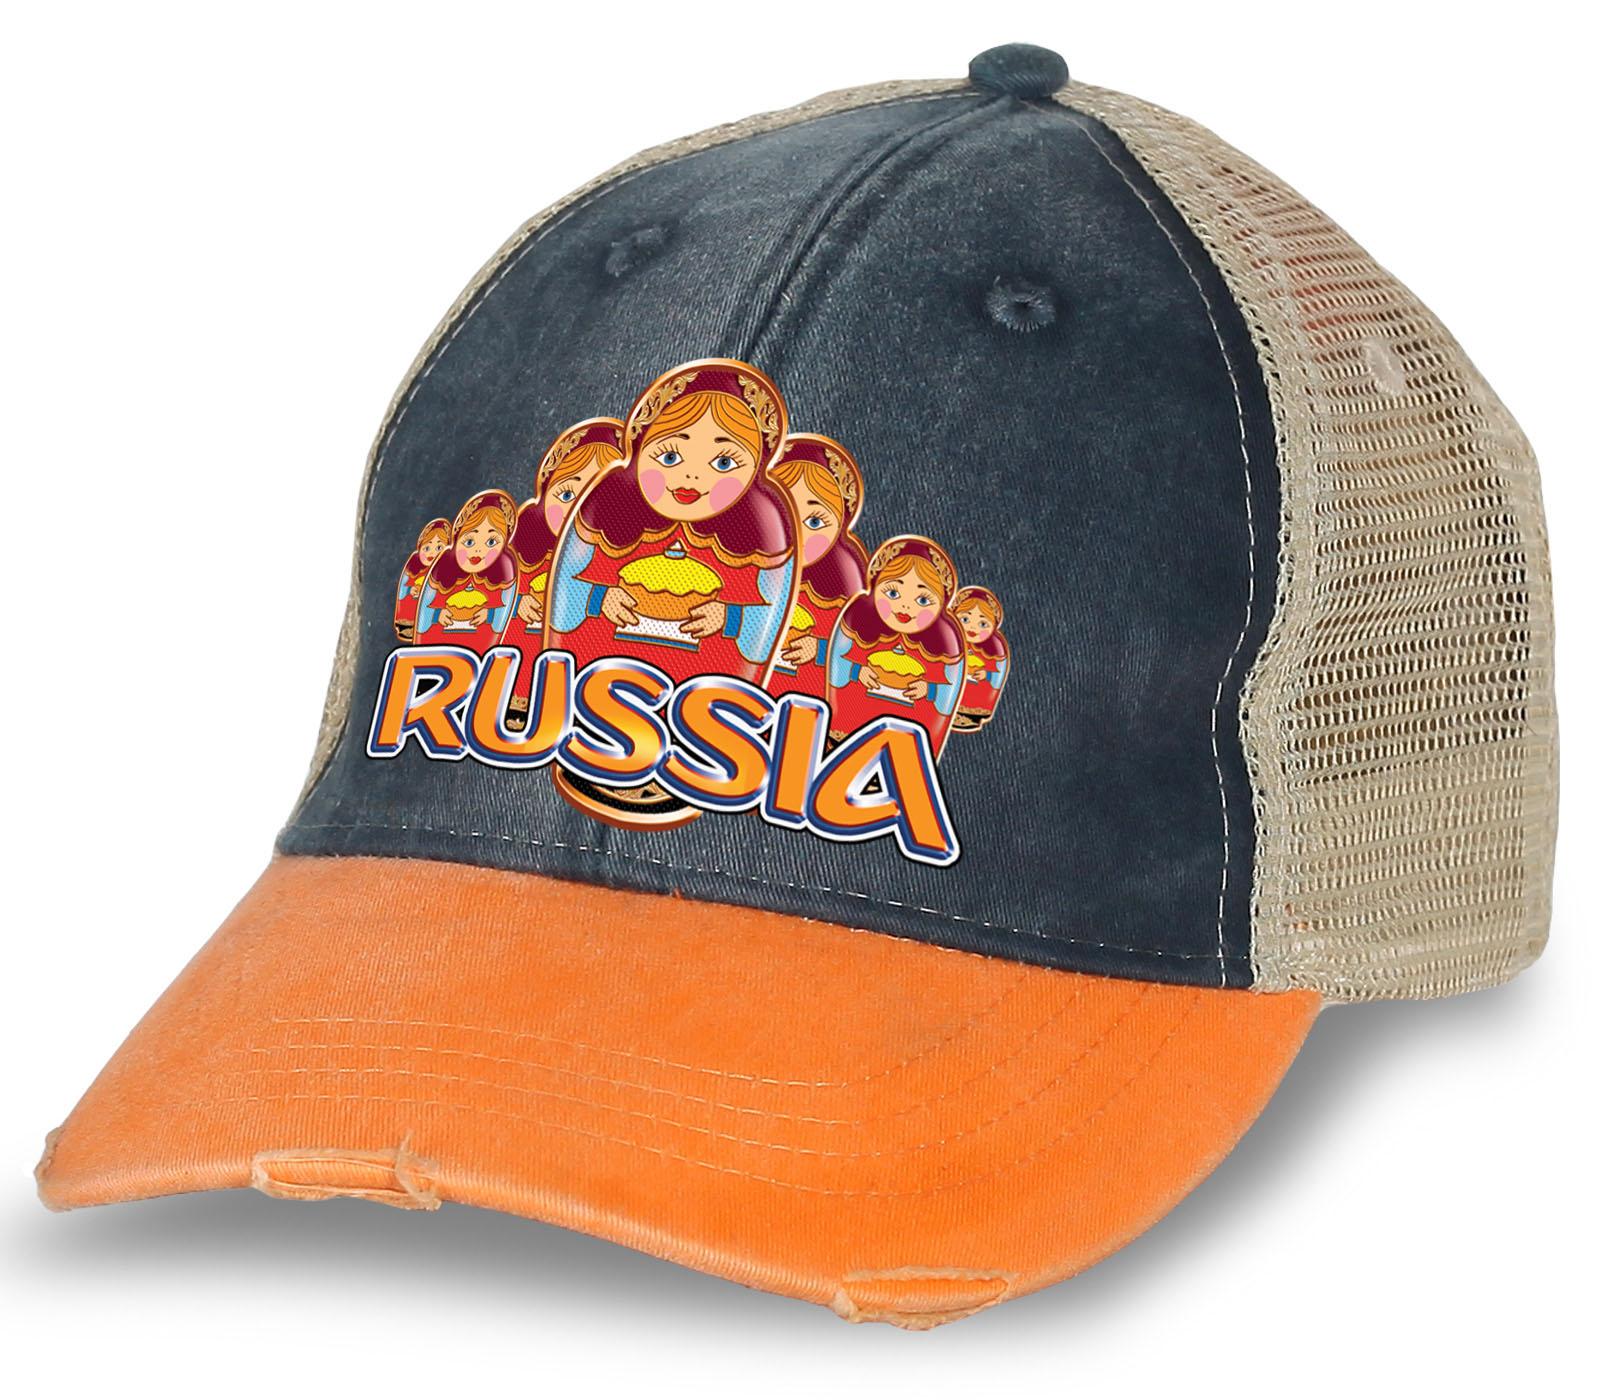 """Эксклюзивная бейсболка """"Russia"""" с матрешками. Популярная модель из 100% хлопка. Отменная модель для патриотов и болельщиков, заказывайте!"""